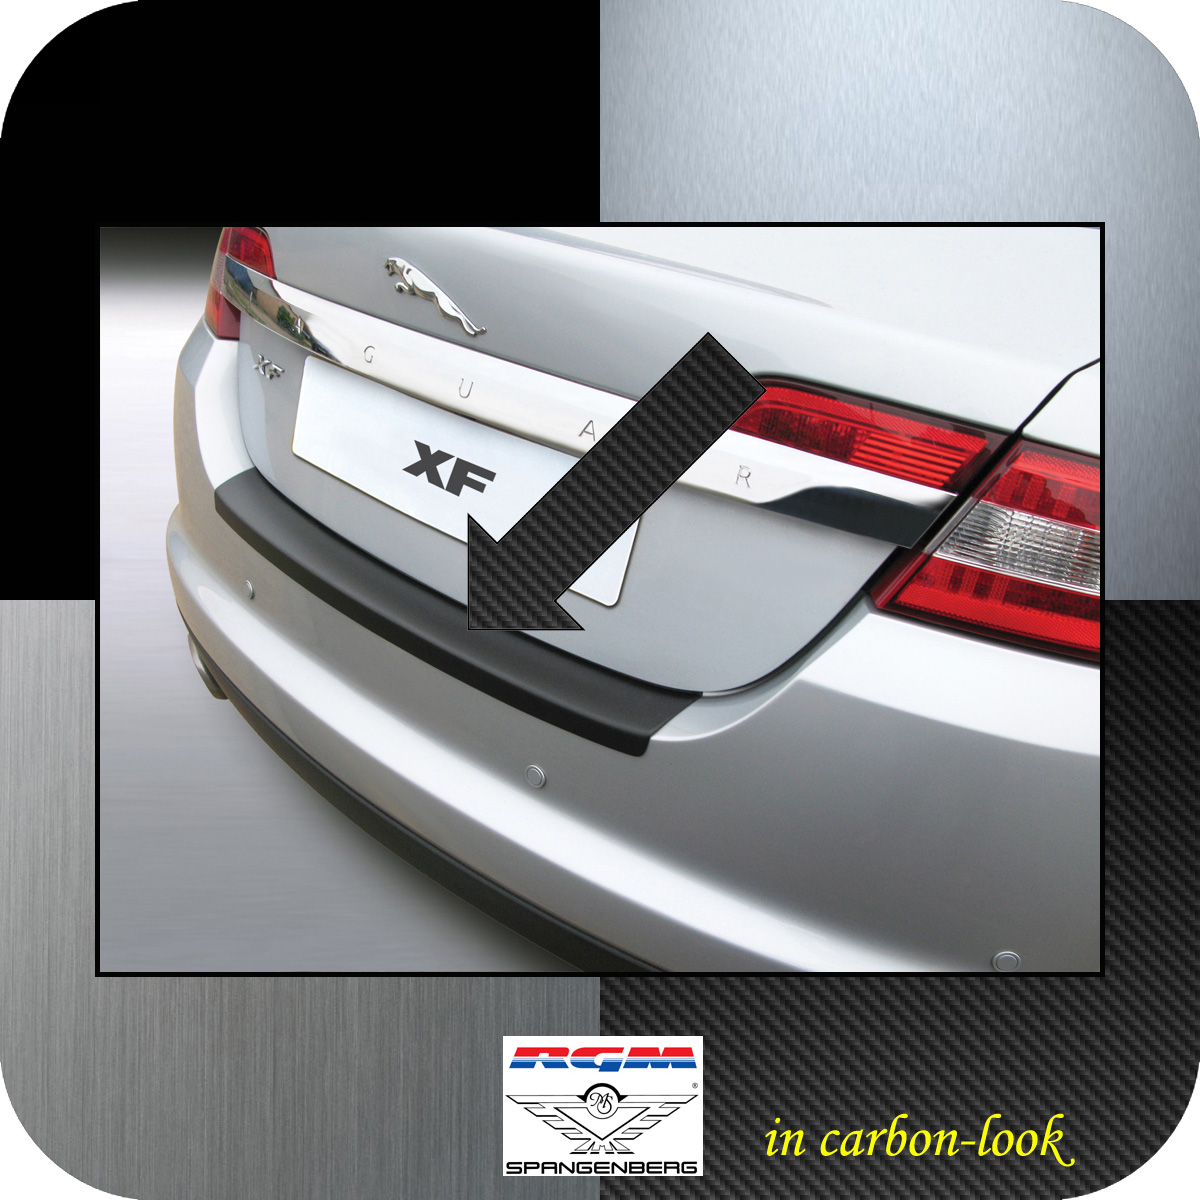 Ladekantenschutz Carbon-Look Jaguar XF I X250 Limousine Baujahre 2008-15 3509392